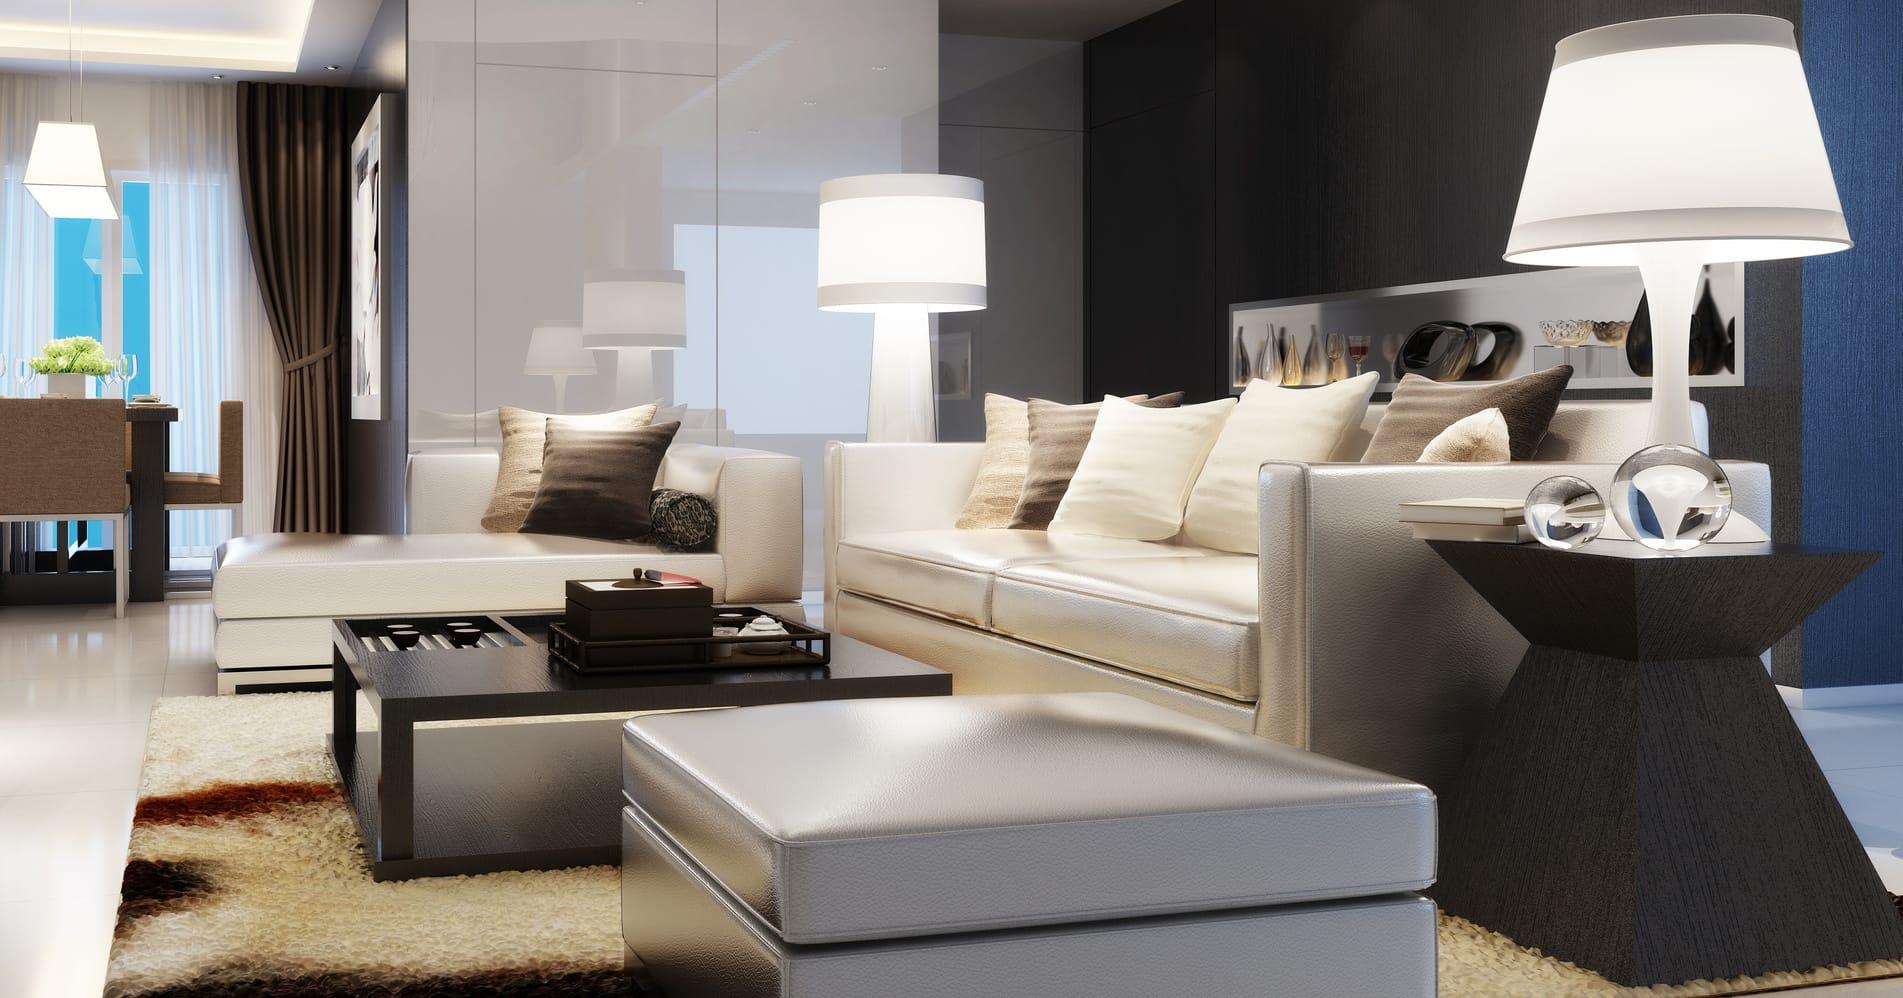 Wohnung modern einrichten  4 Tipps  Haushaltstippsnet